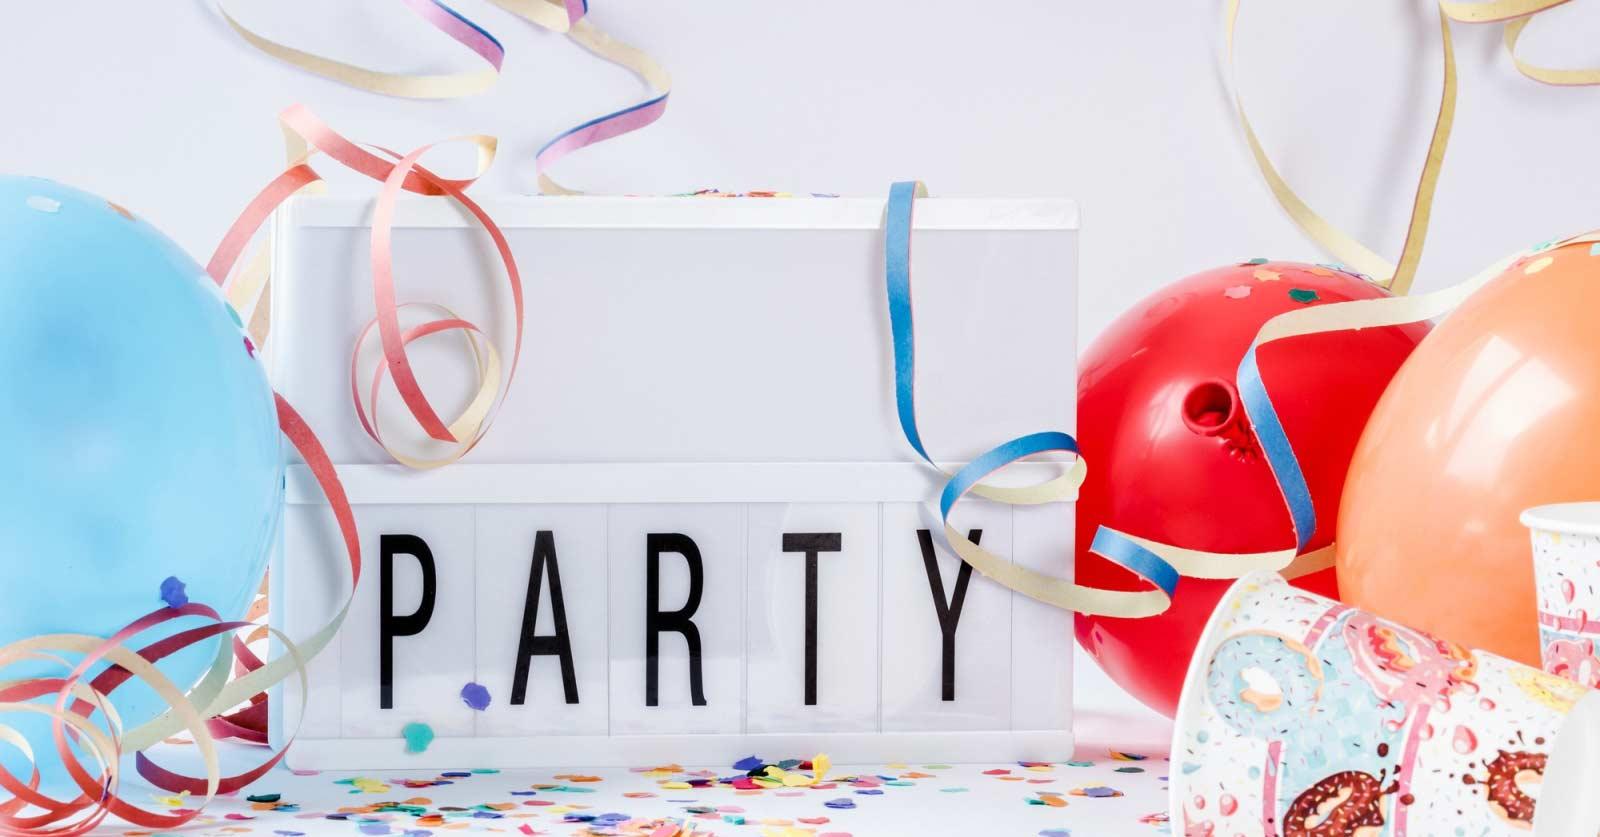 Organizzatore di feste? Ecco come diventare party planner